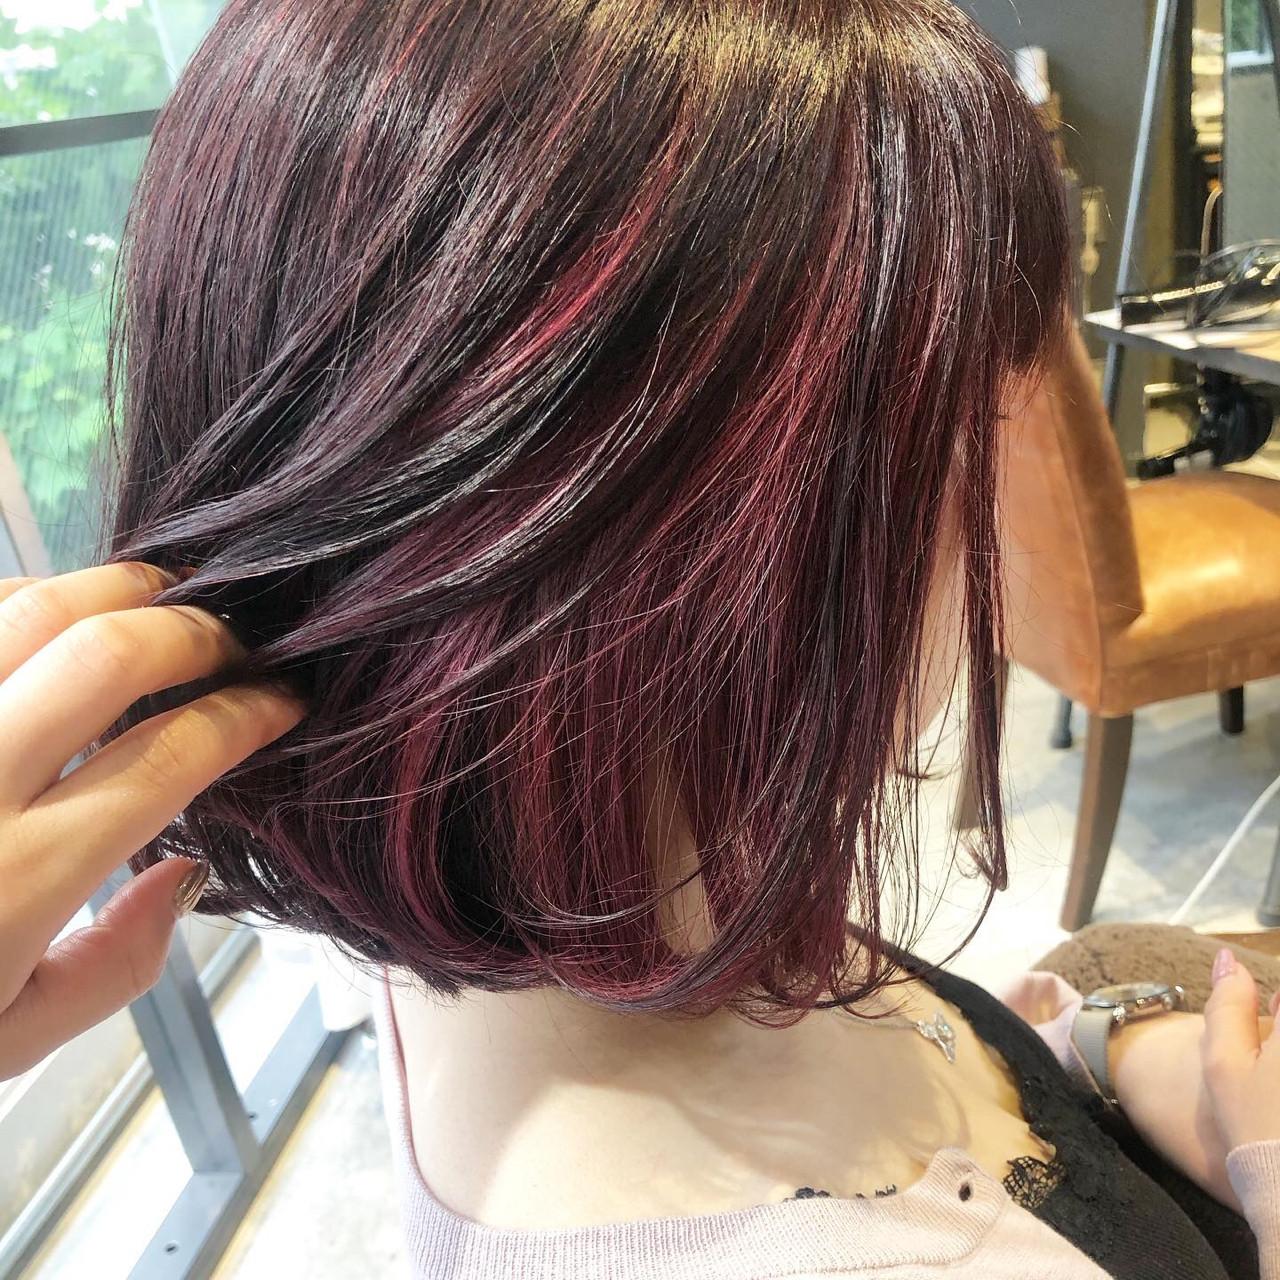 ガーリー ボブ ラベンダーピンク インナーカラー ヘアスタイルや髪型の写真・画像